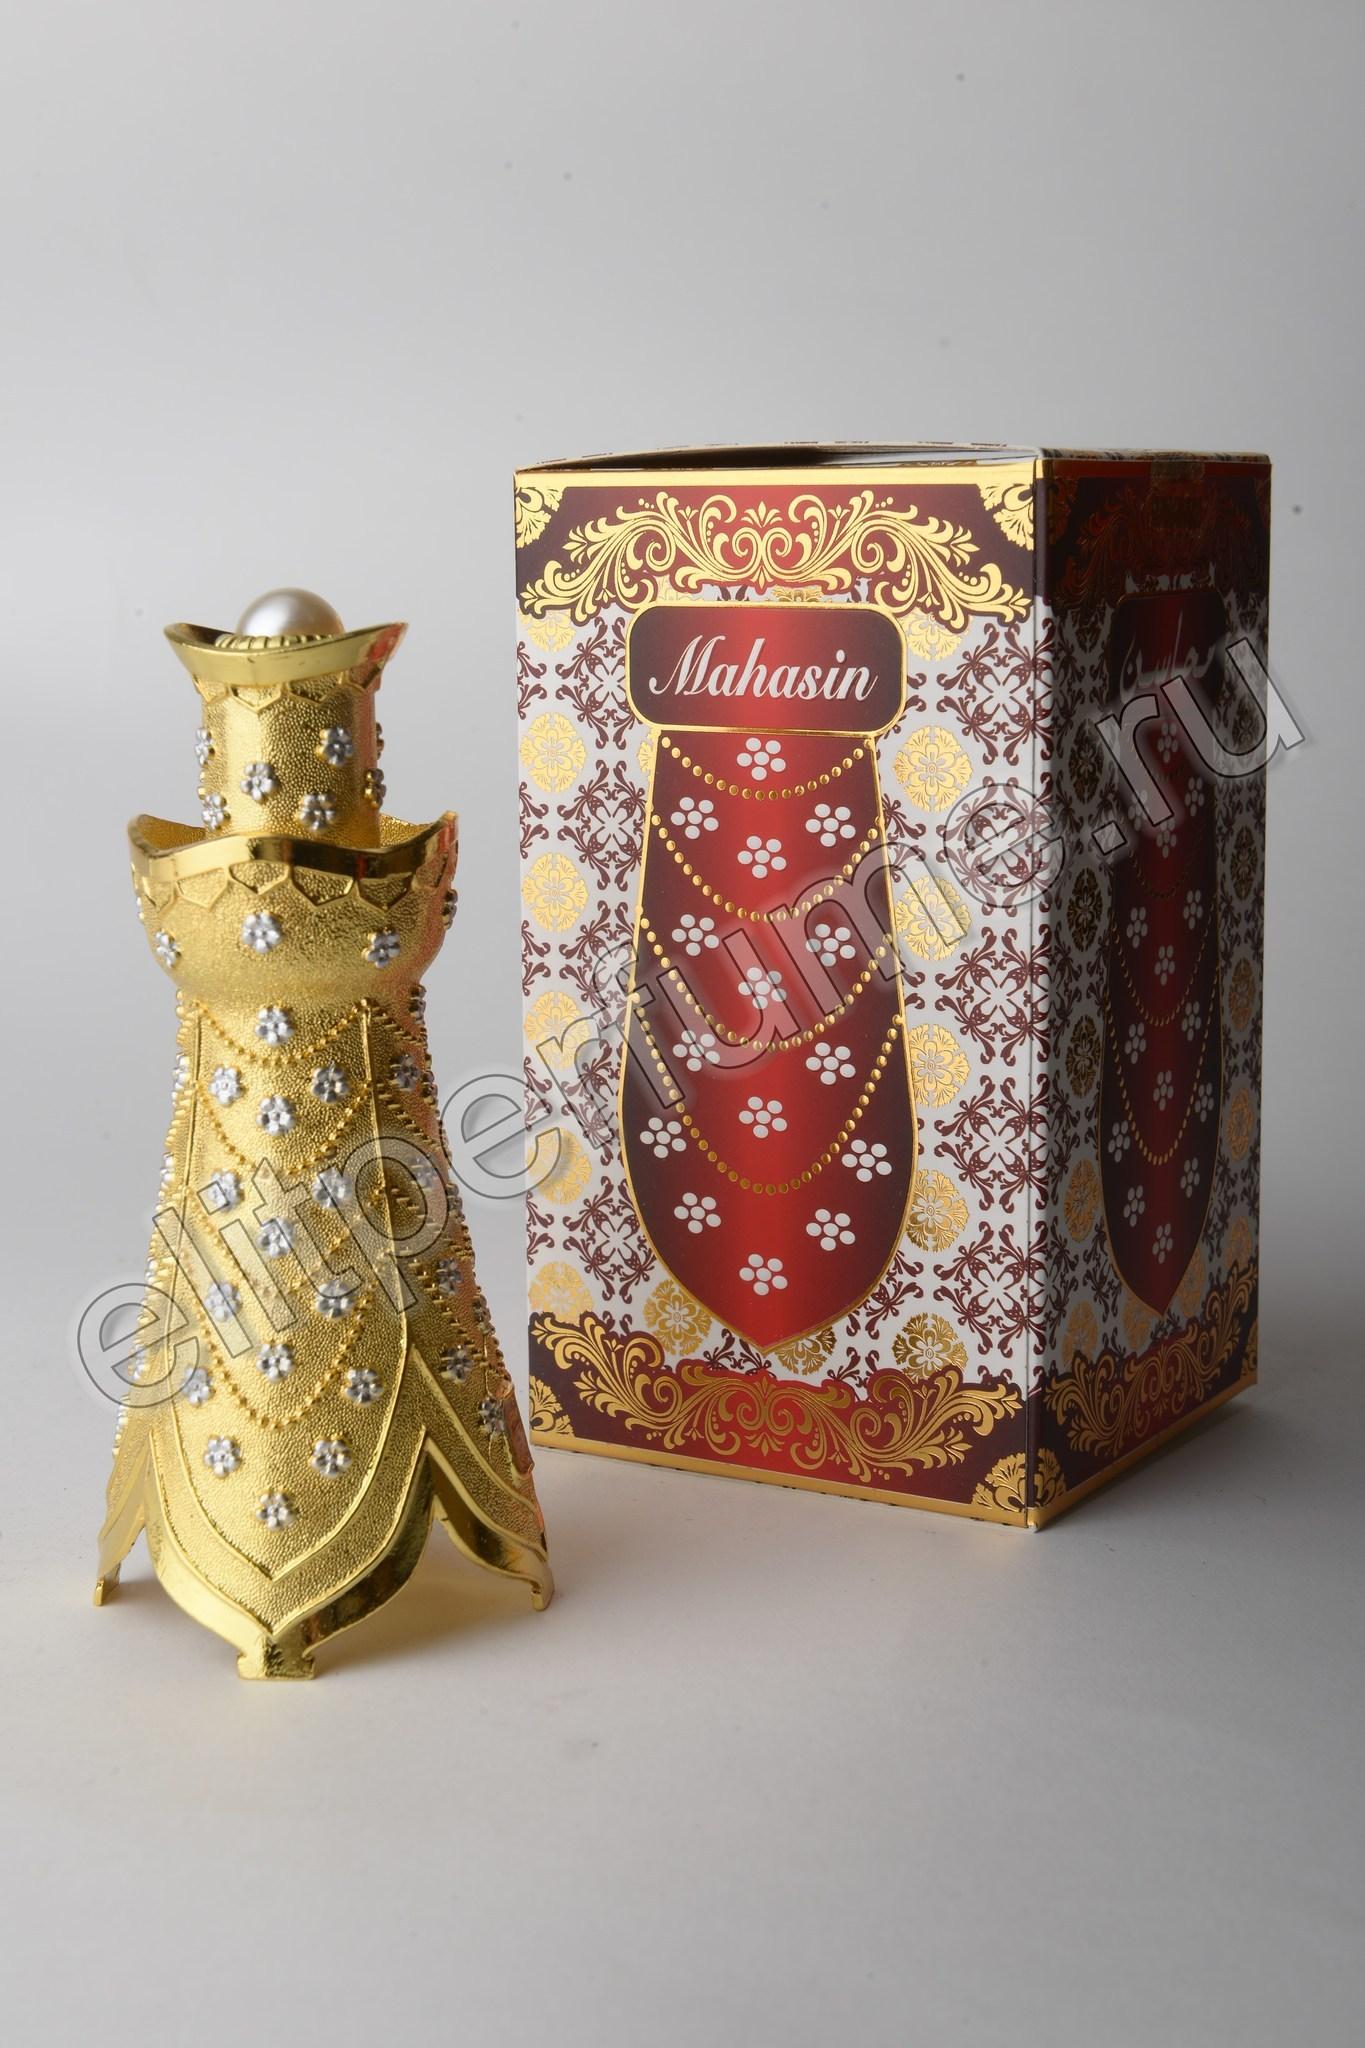 Пробник для Mahasin Махасин 1 мл арабские масляные духи от Насим Naseem Perfumes